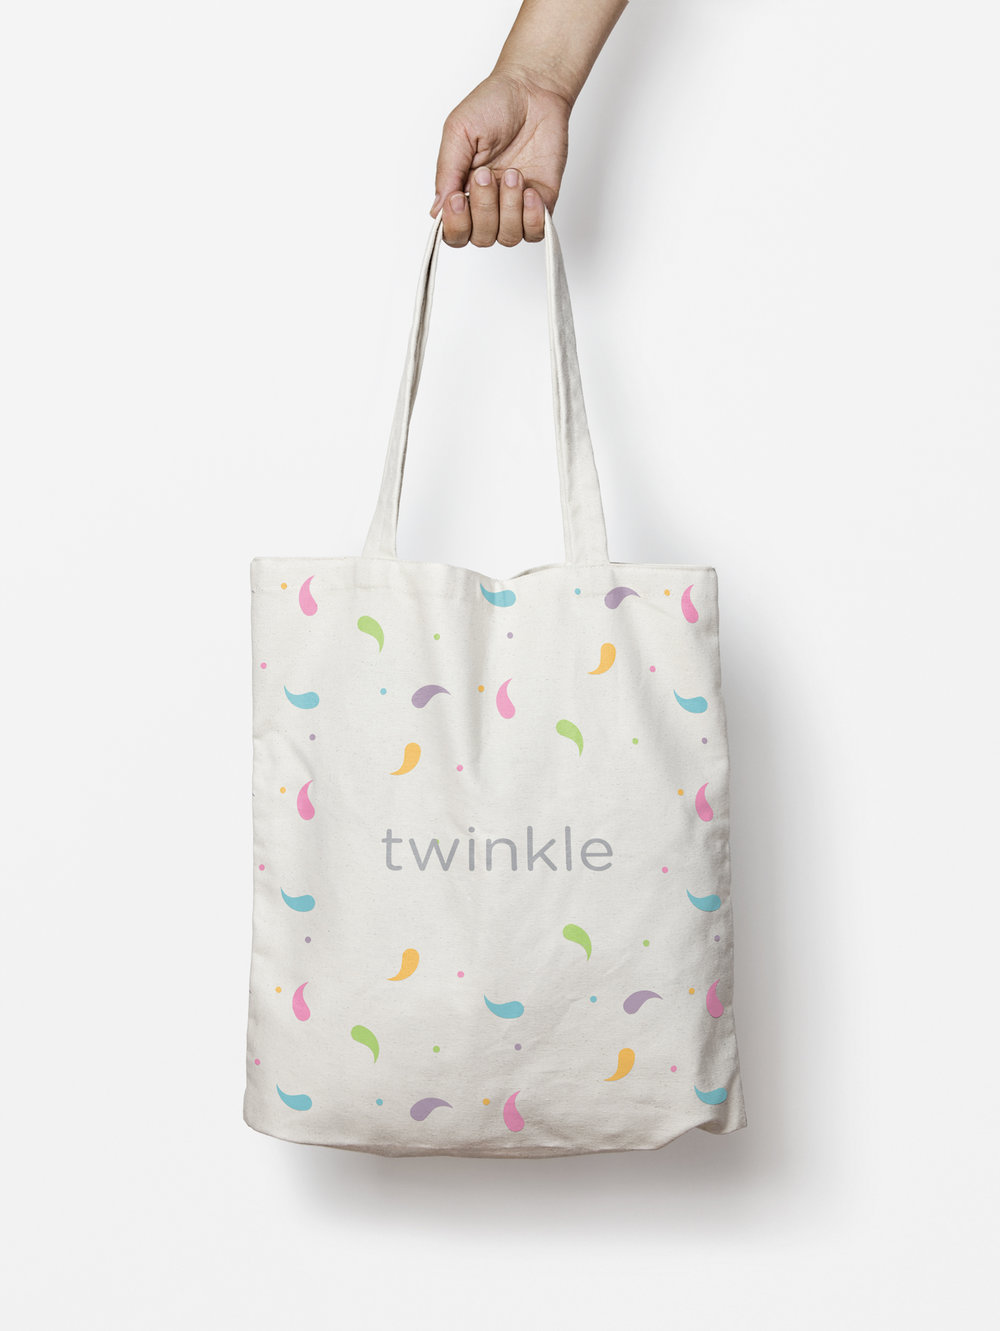 Twinkle-branding-by-Brandbees_09.jpg